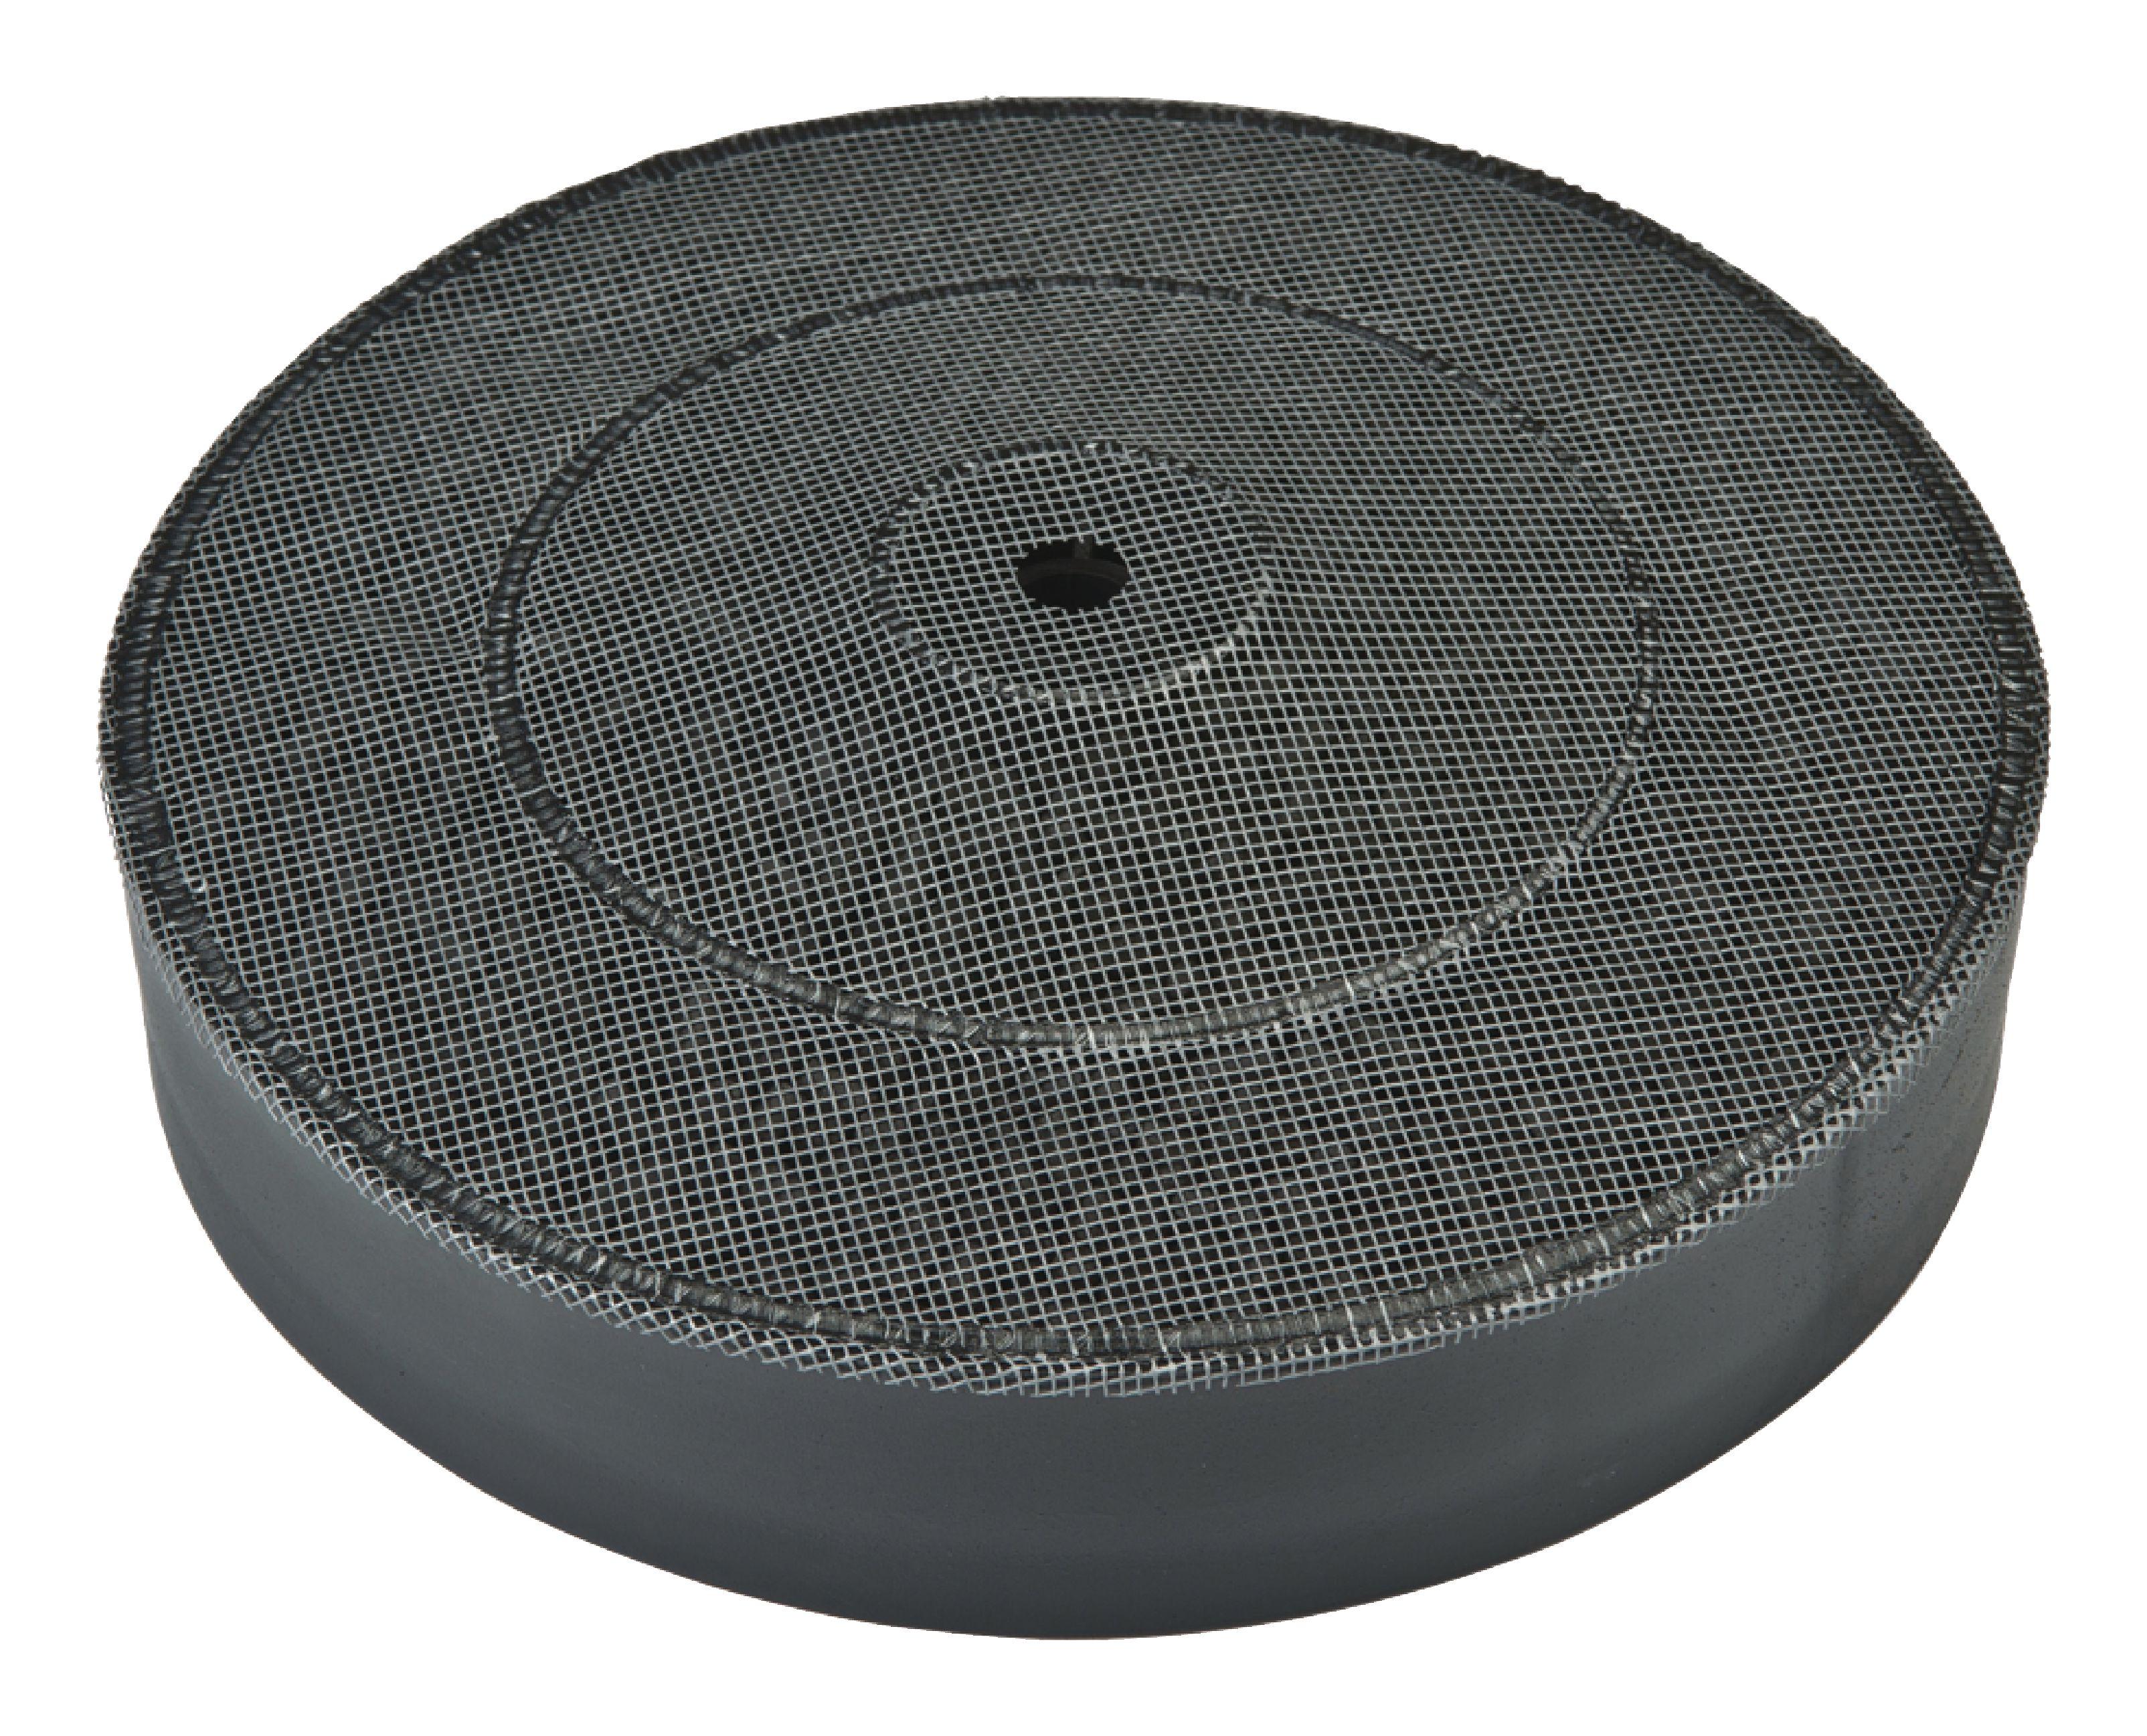 Uhlíkový filtr do digestoře Electrolux, Ø 17.3 cm